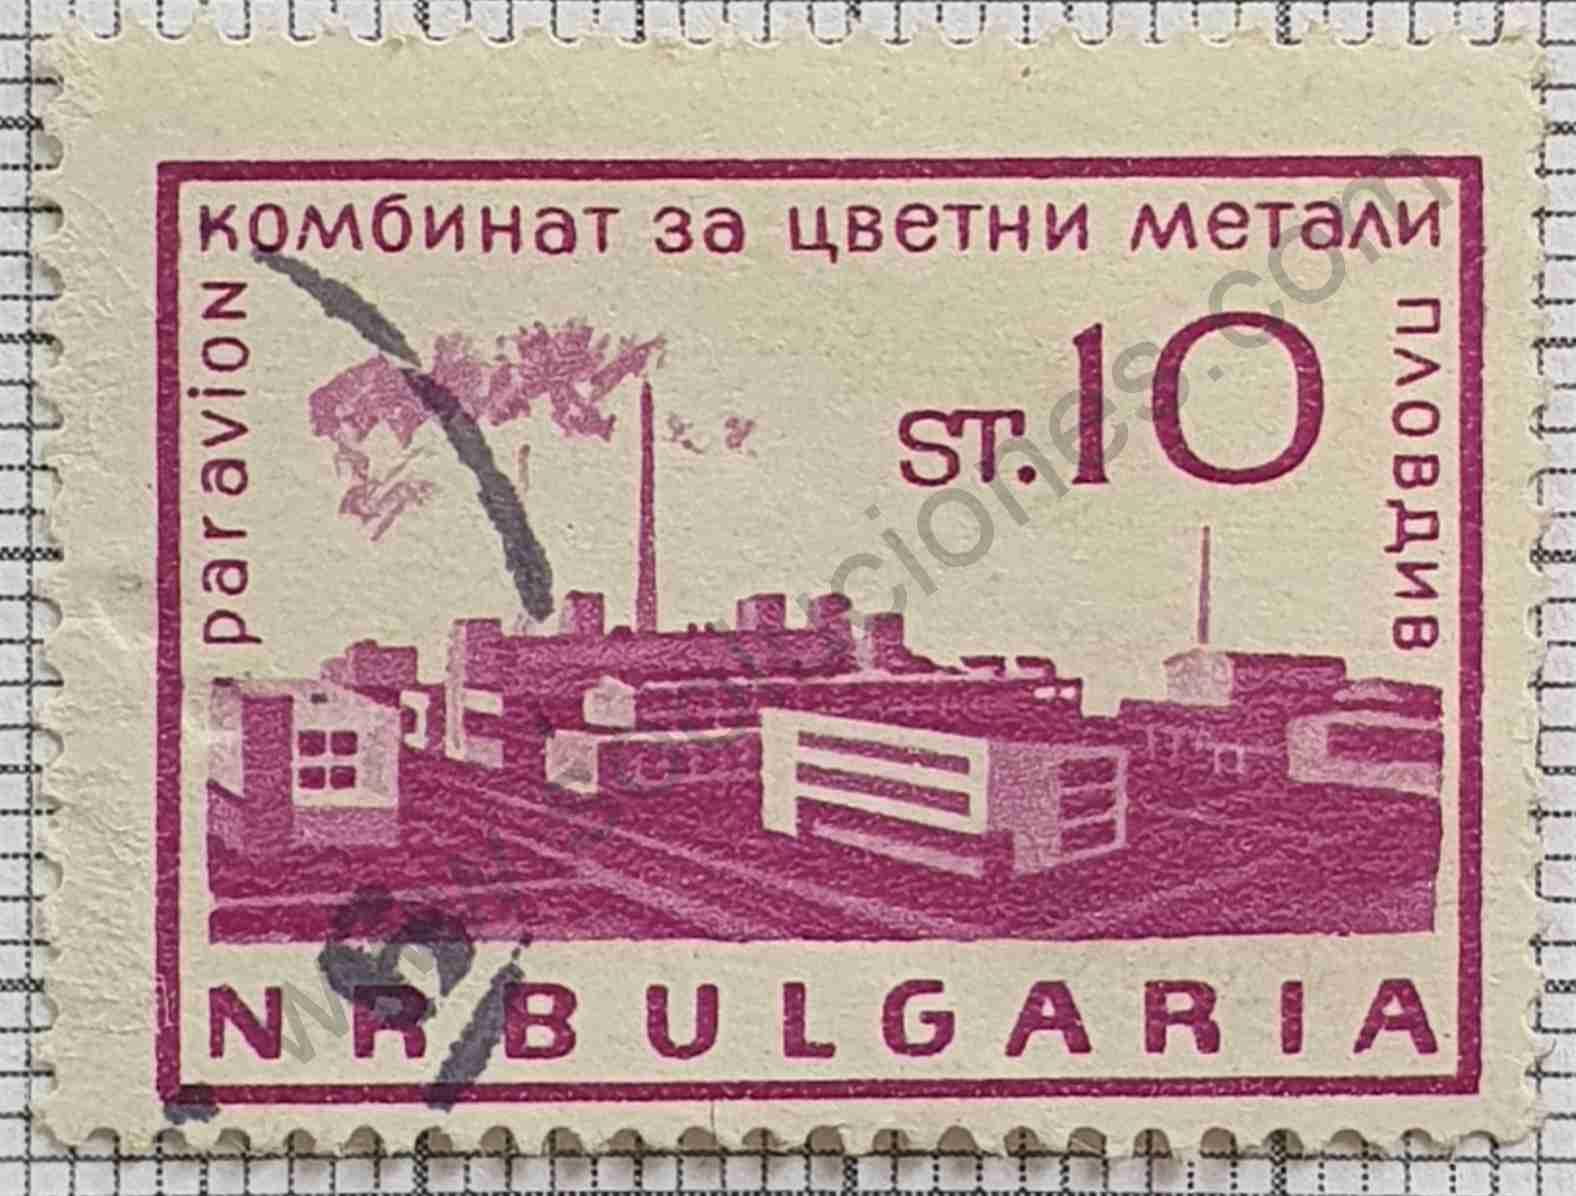 Fábrica de metales en Plovdiv - Estampilla Bulgaria 1964